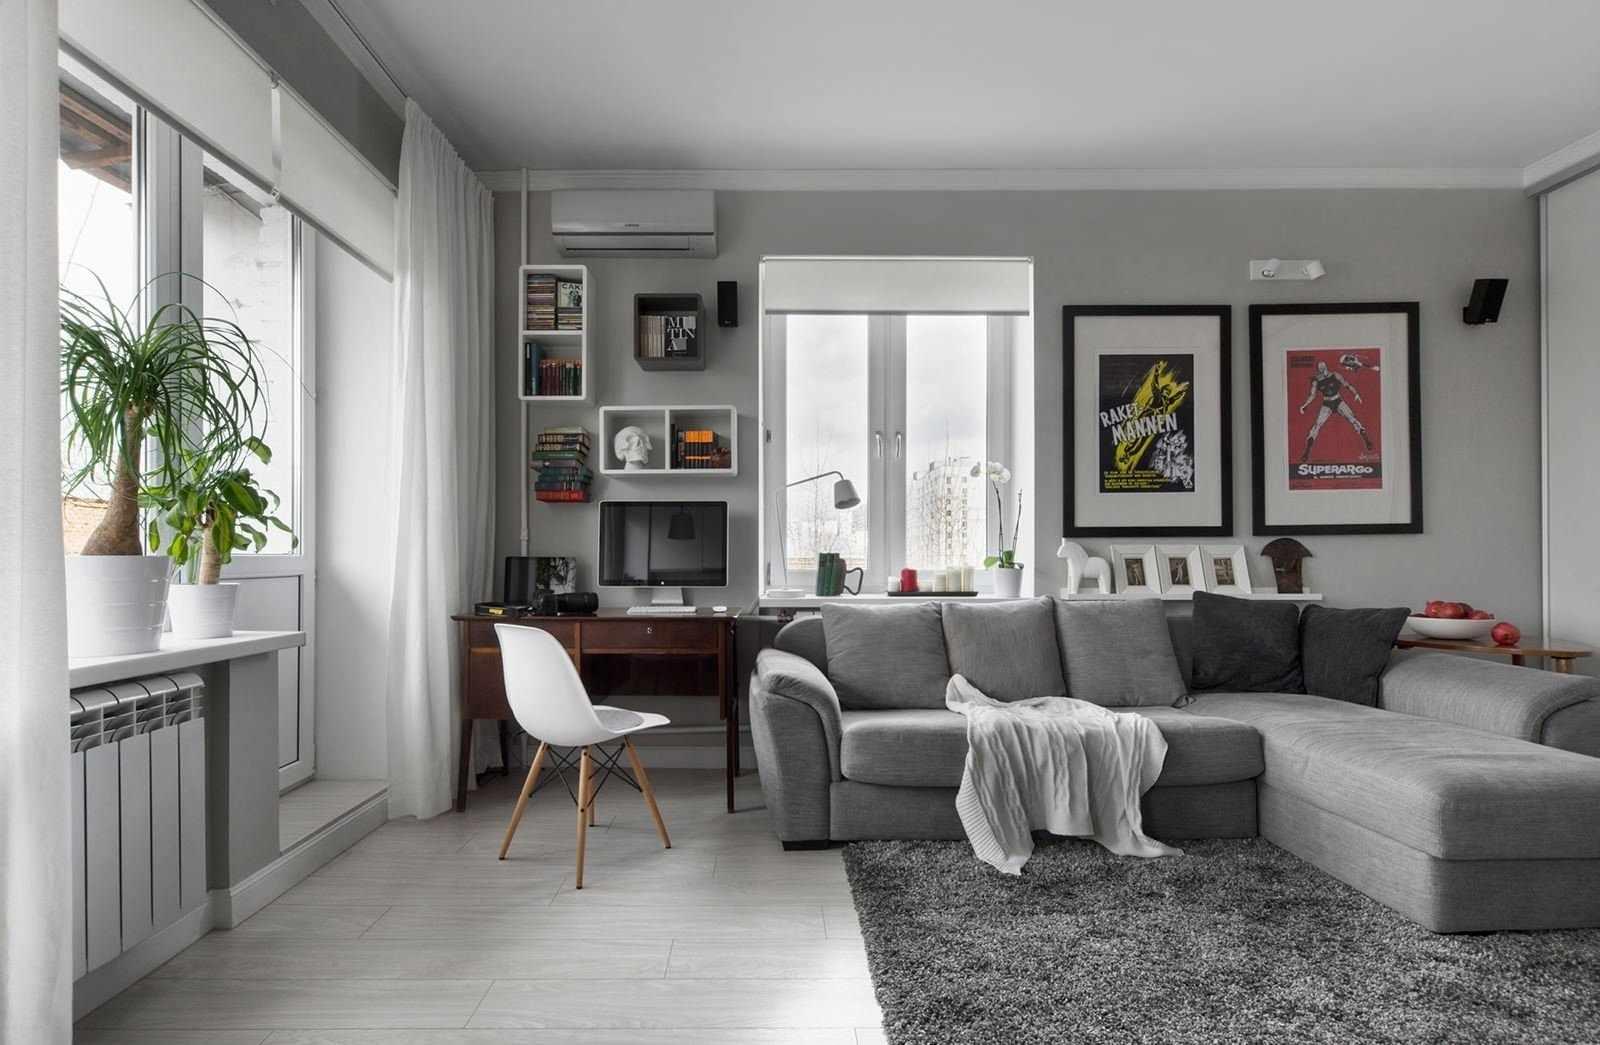 Планировка квартиры-студии с рабочей зоной